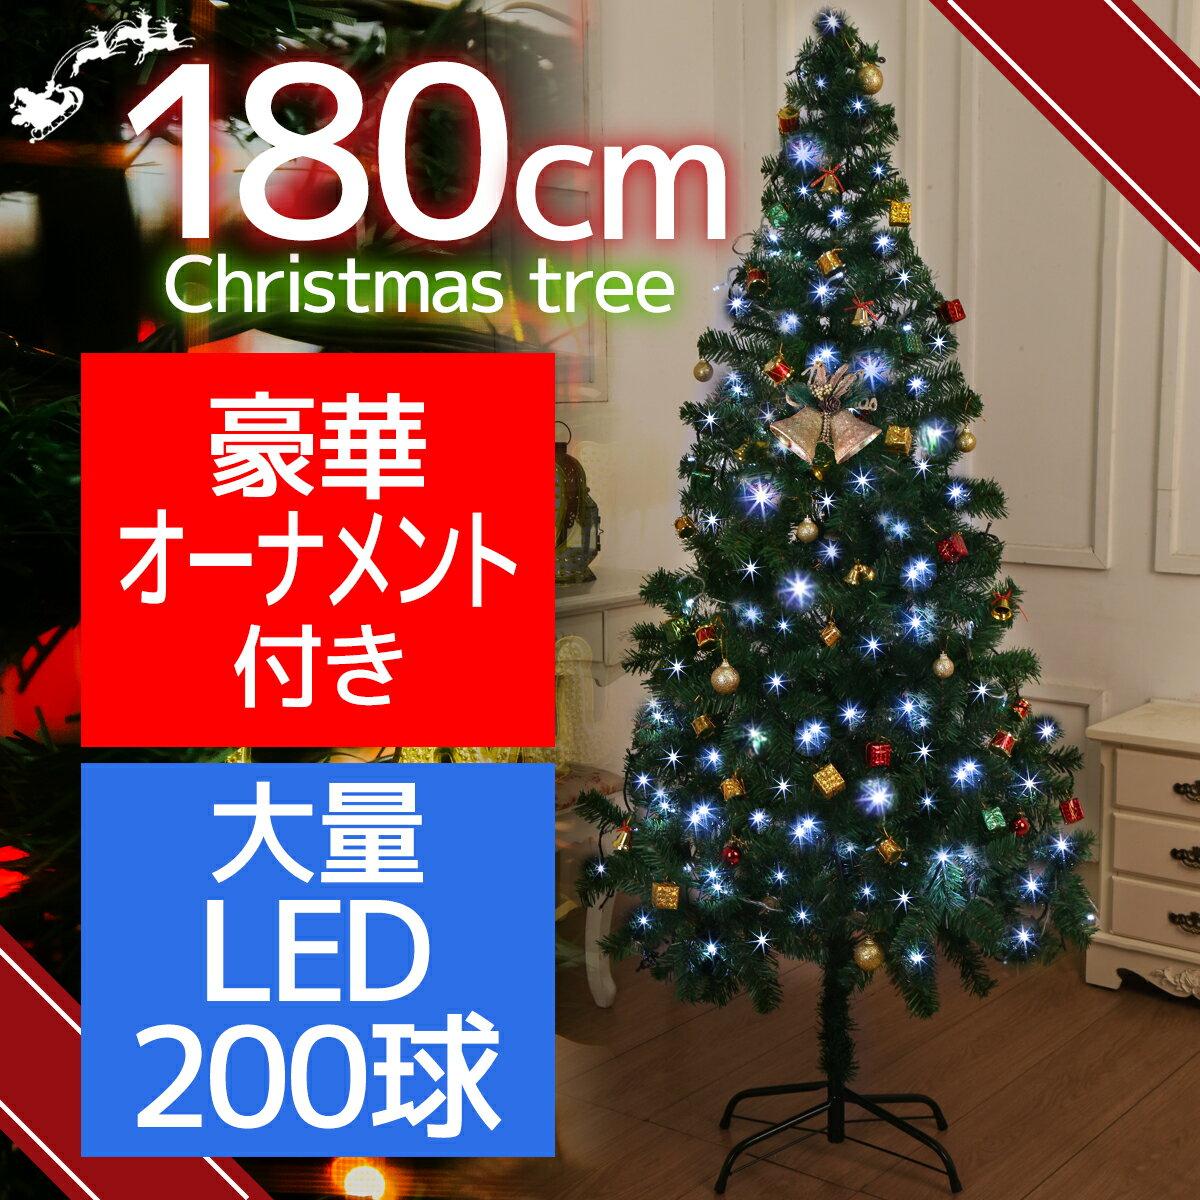 クリスマスツリー 北欧 180cm タペストリー オーナメント LED イルミネーションクリスマス用品 イルミネーション おしゃれ 飾り 北欧 クリスマスツリーセット グリーン 【KR-22】